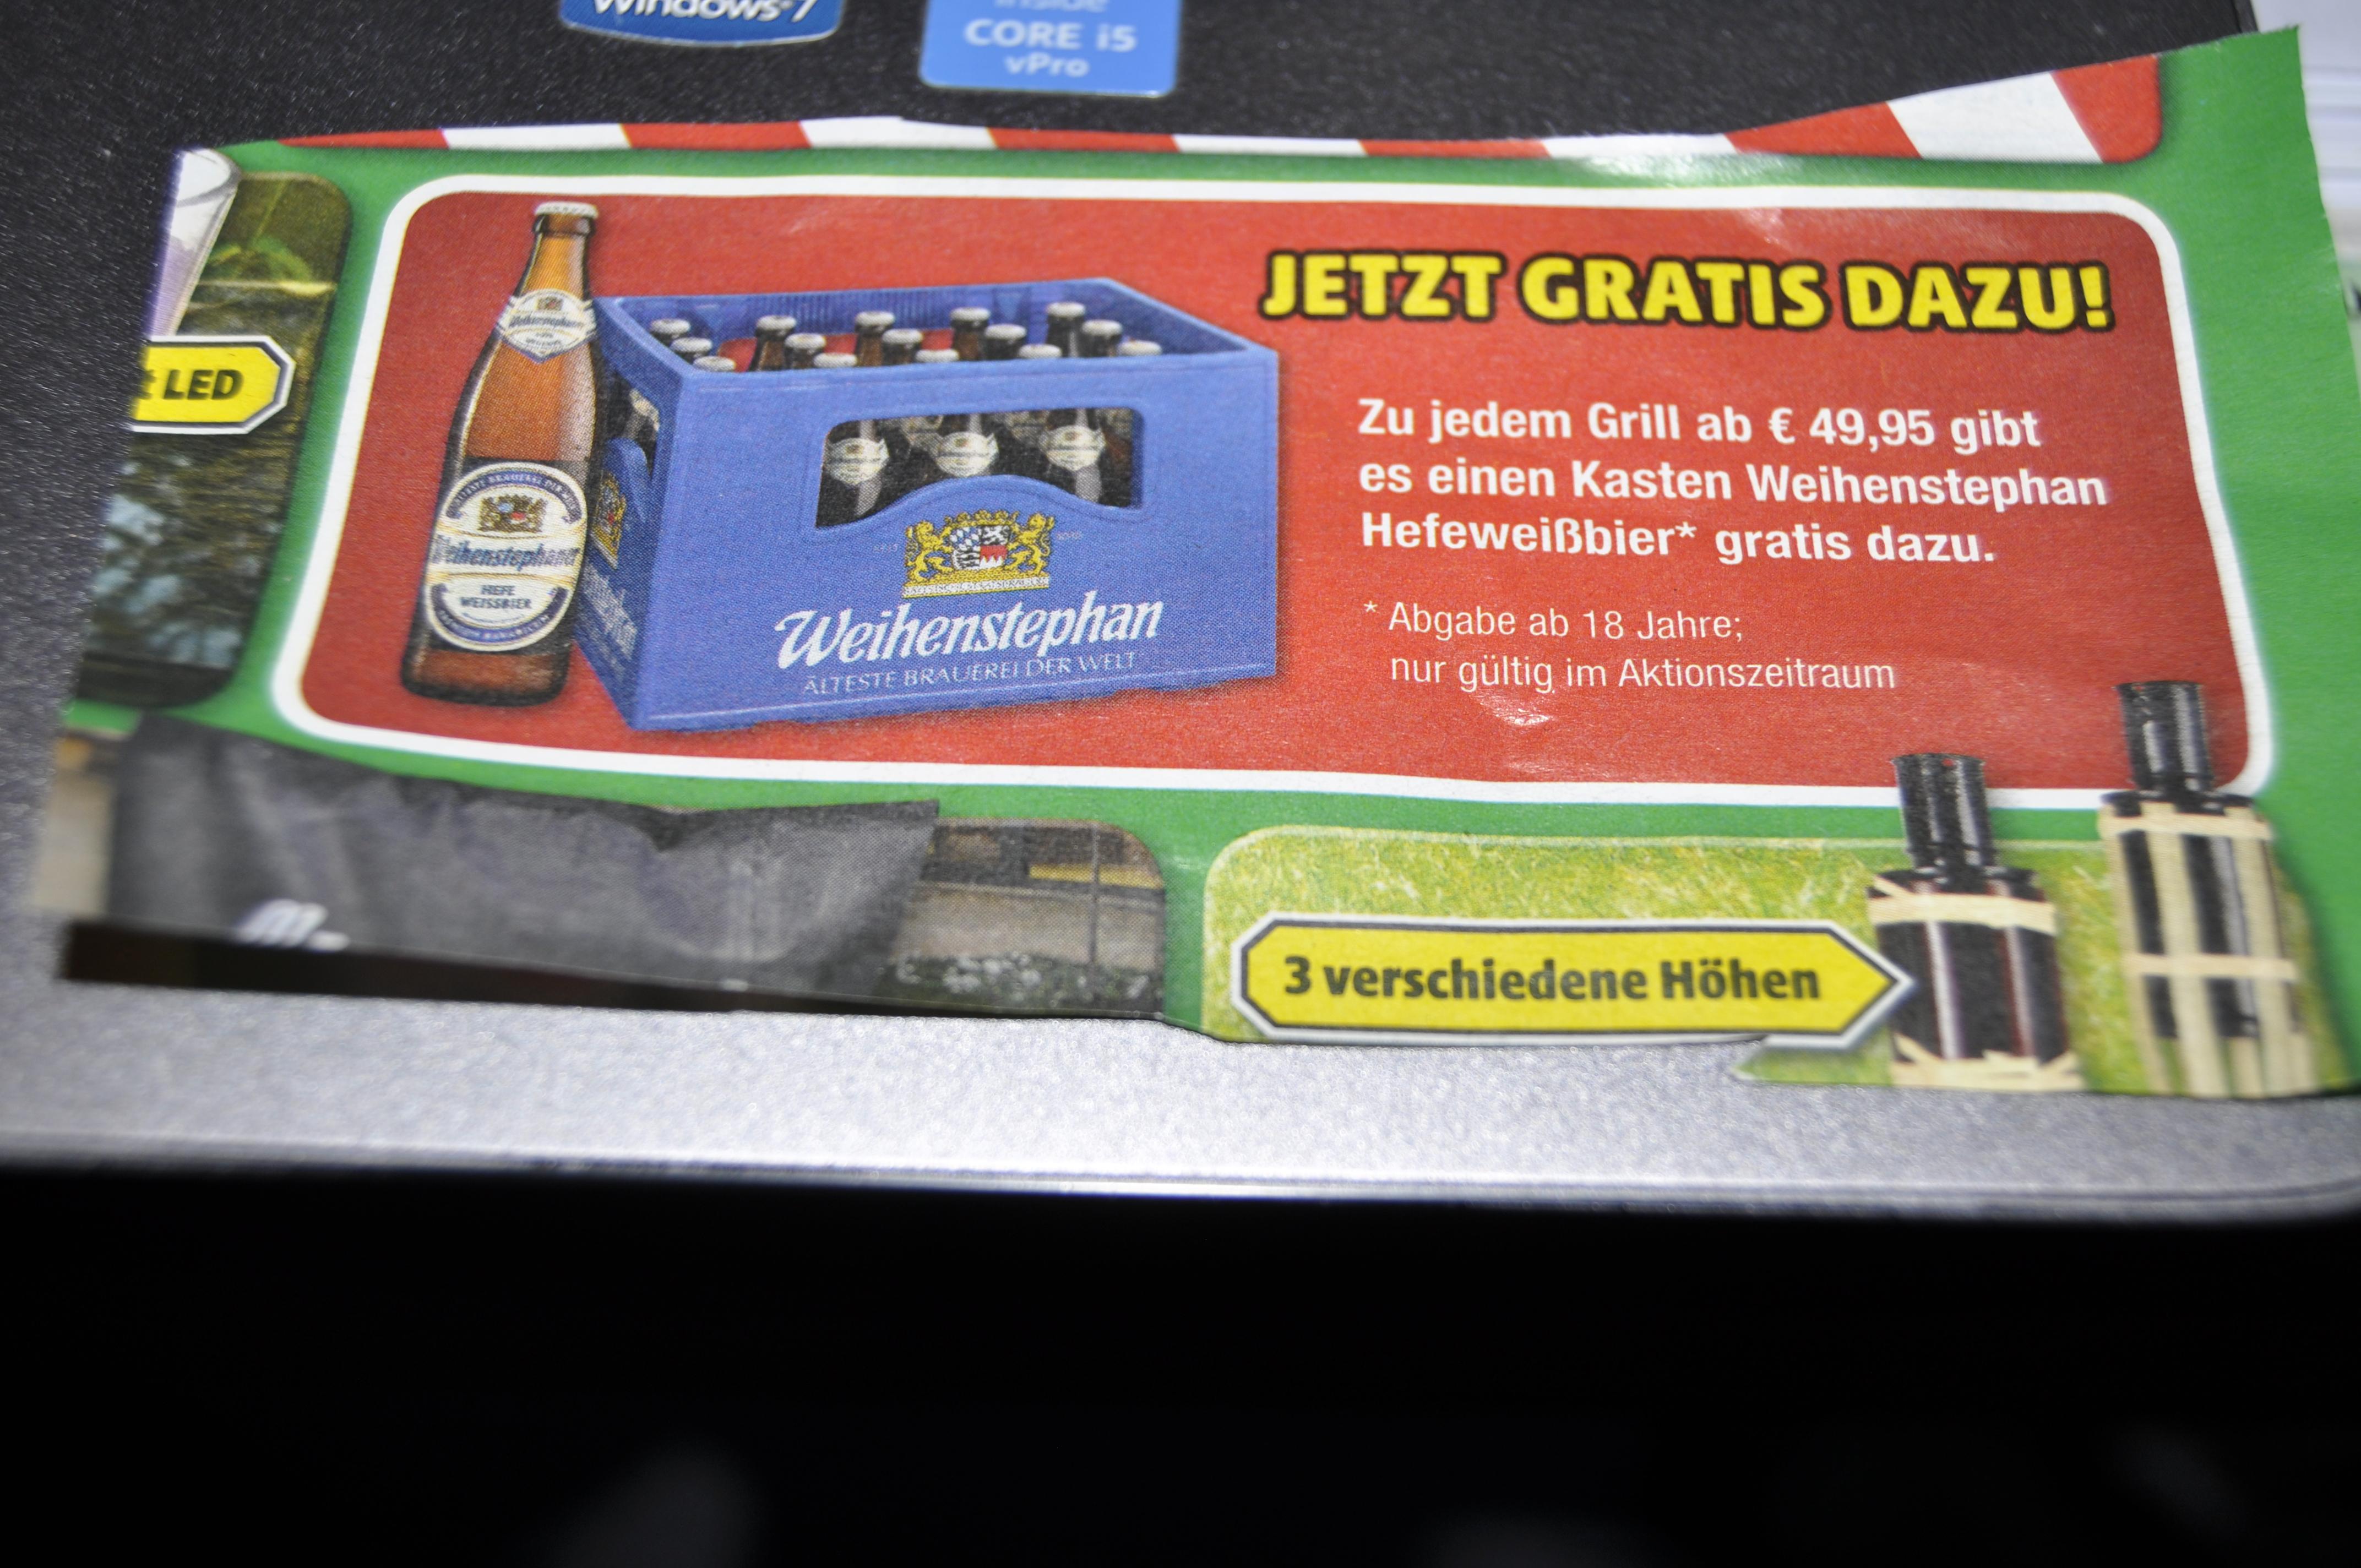 [Lokal München und Umgebung] bei Kauf eines Grills im Wert von mind. 49,95€ eine Kiste Weihenstehphan Hefeweißbier gratis dazu bekommen [Hagebau]